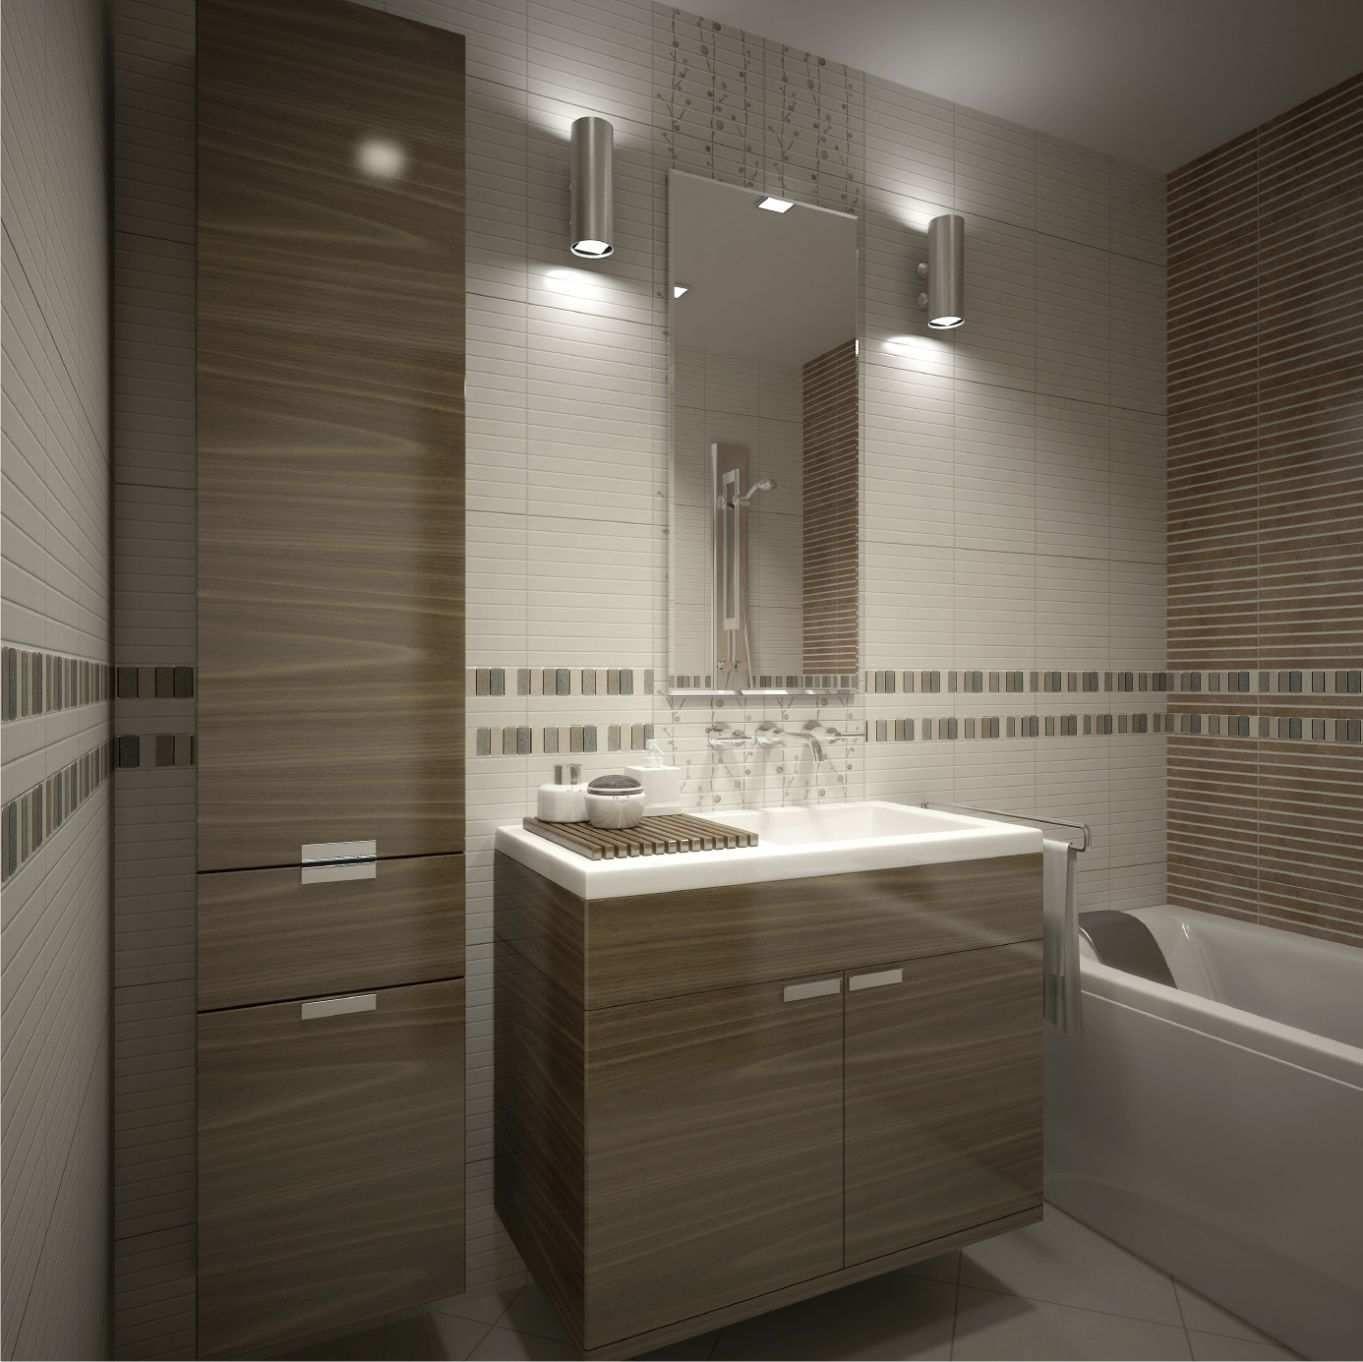 28 idées d\'aménagement salle de bain petite surface | Salle de ...